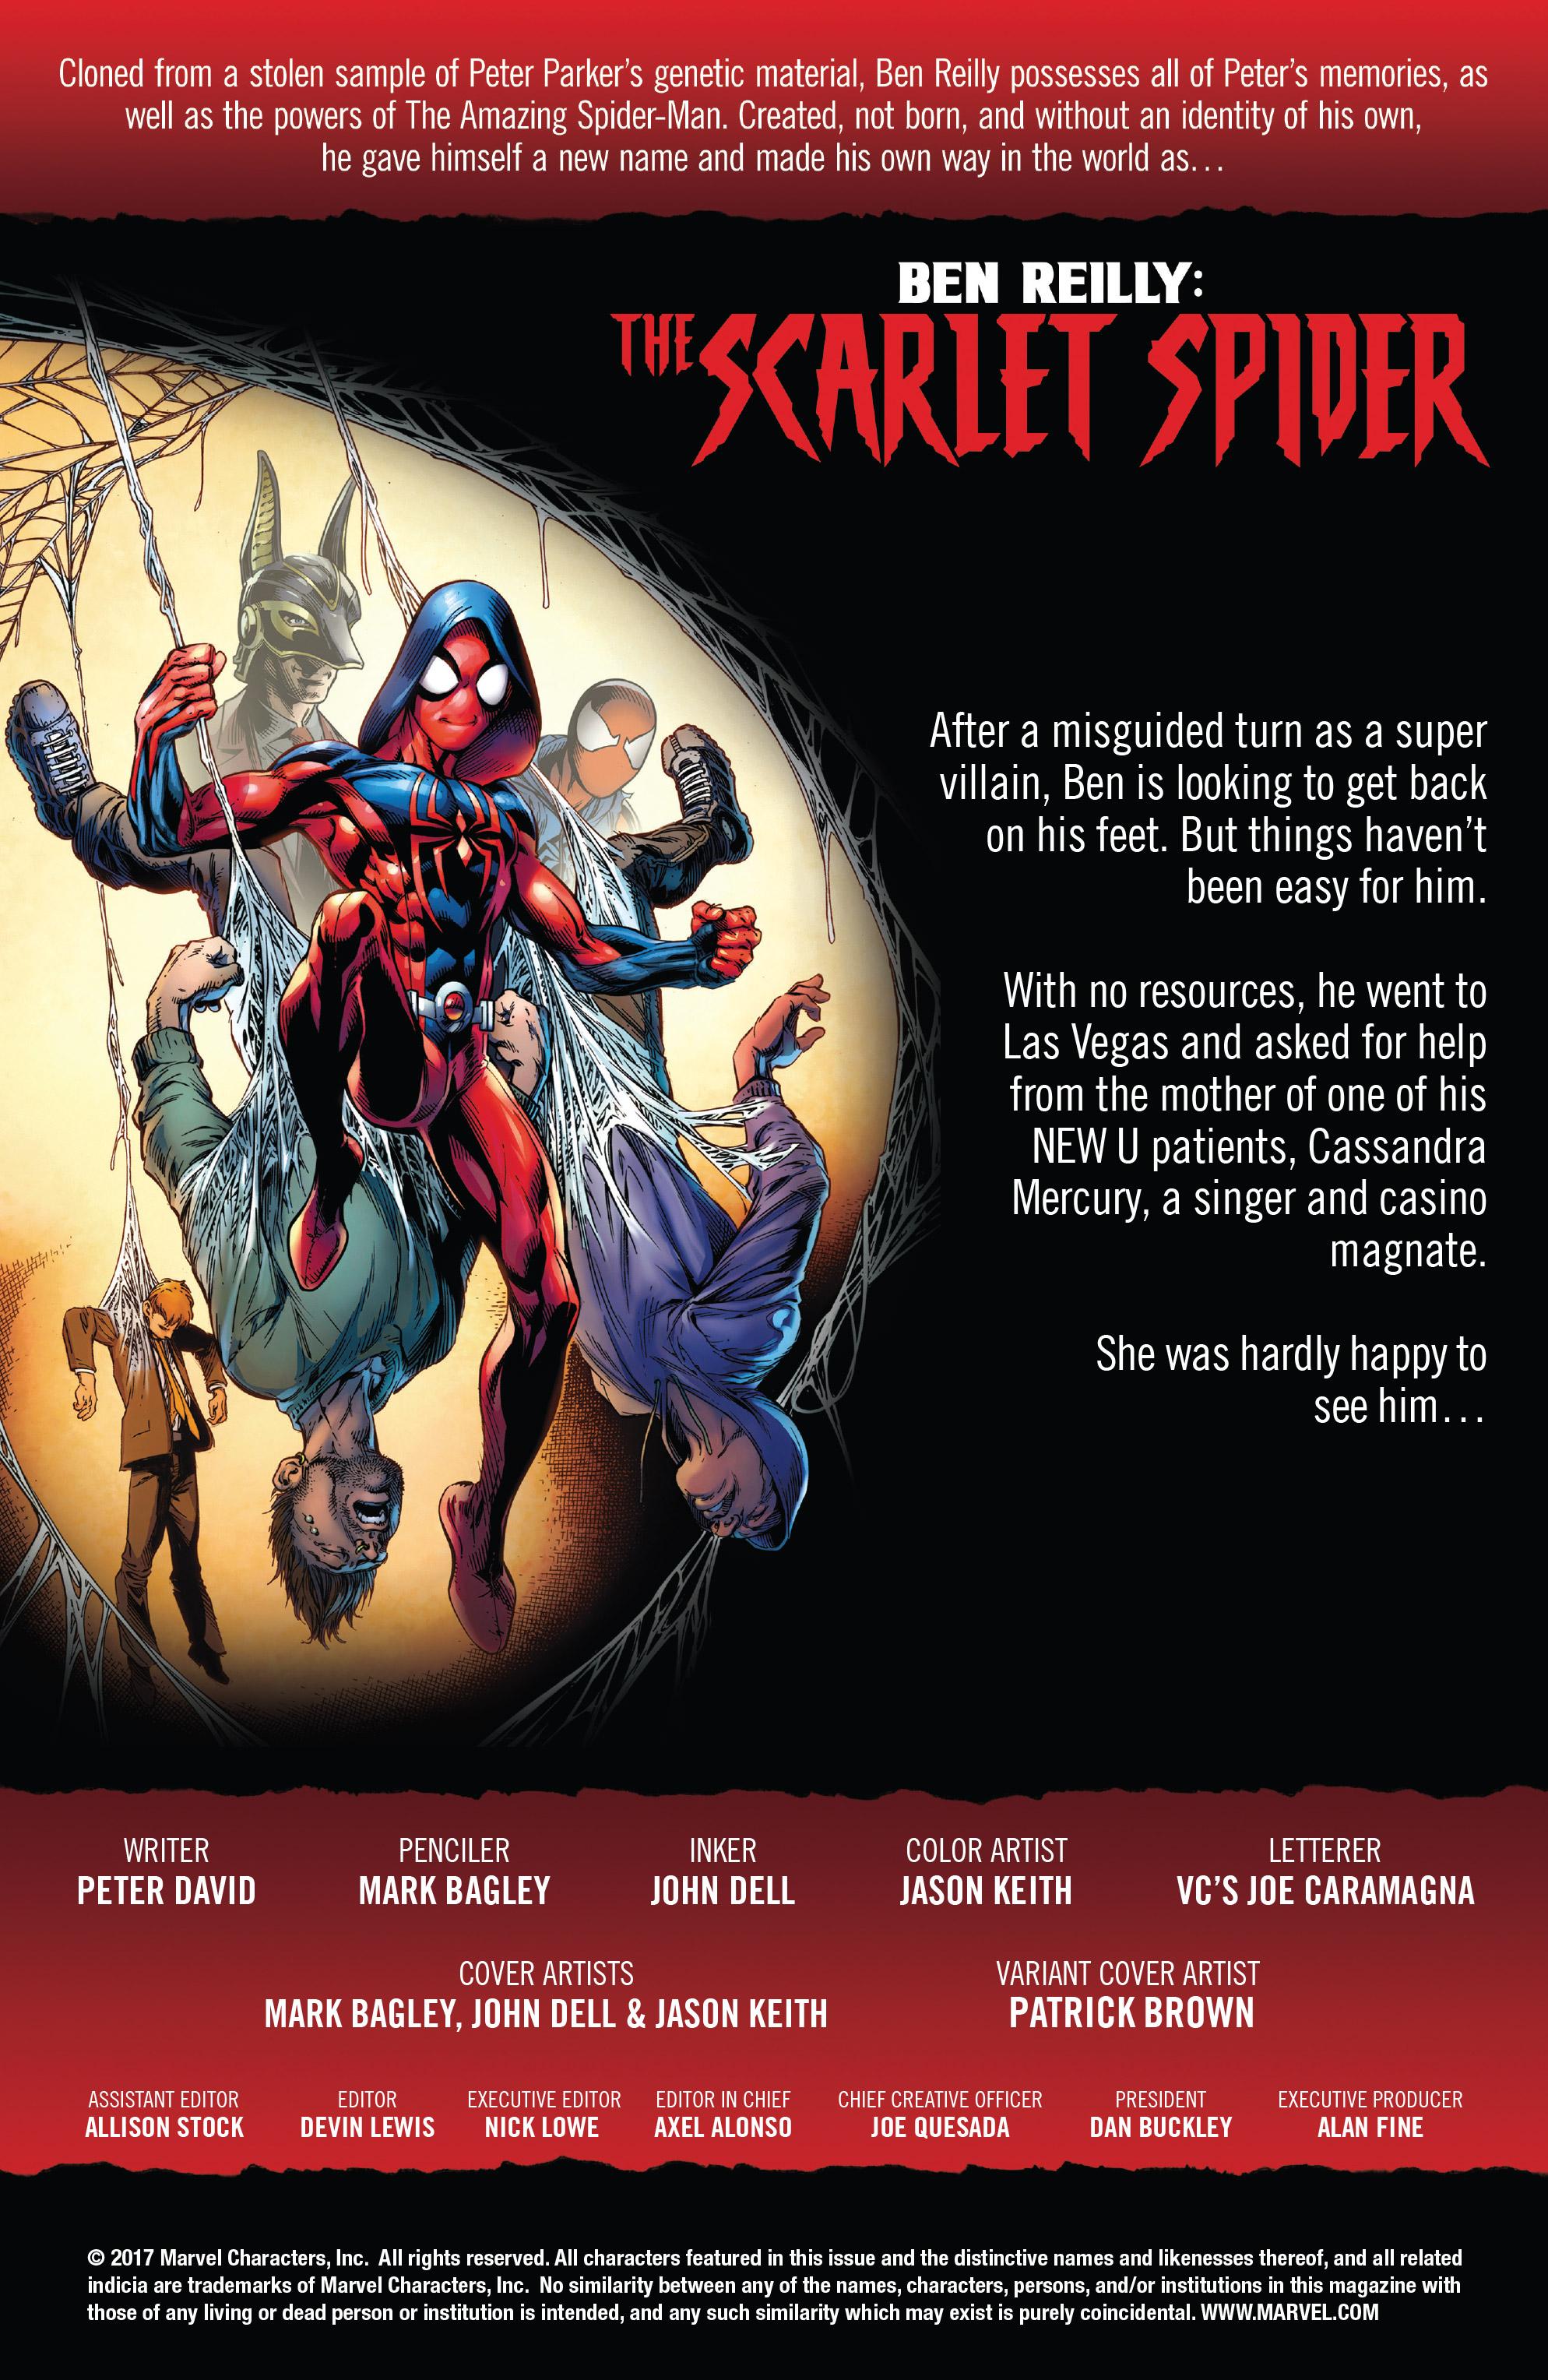 Read online Ben Reilly: Scarlet Spider comic -  Issue #2 - 2